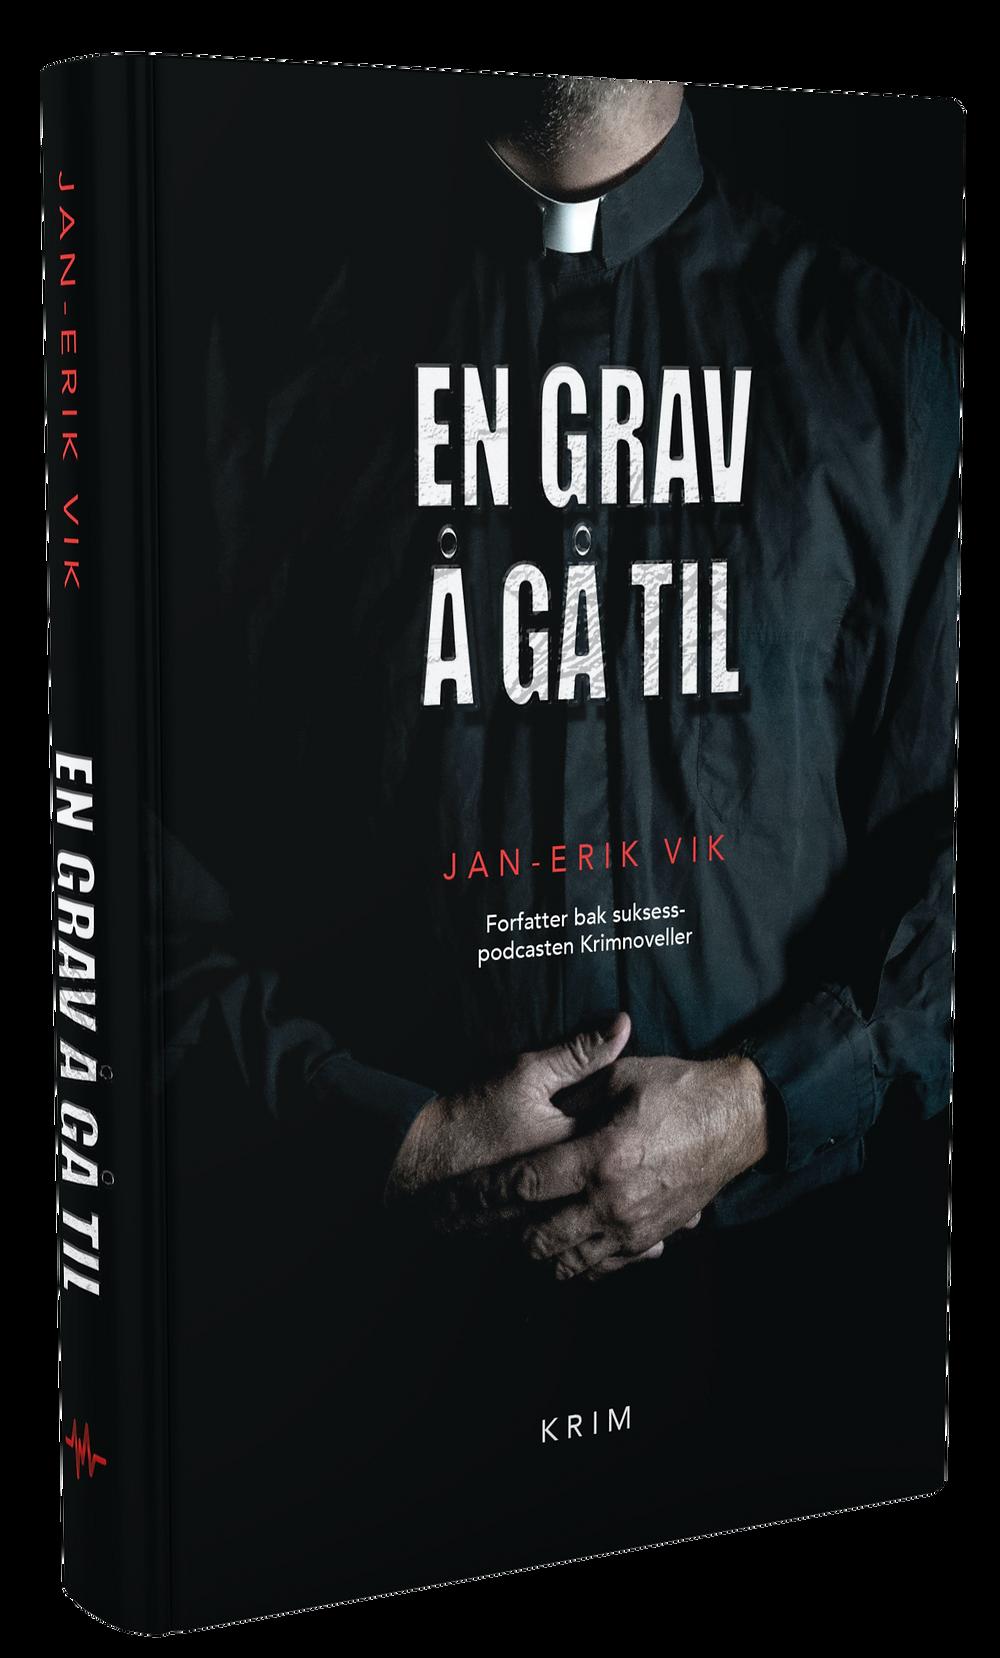 Bilde av boka En grav å gå til skrevet av forfatter Jan-Erik Vik. Spennende og annerledes krimroman som kan bestilles på Vikforlag.no.